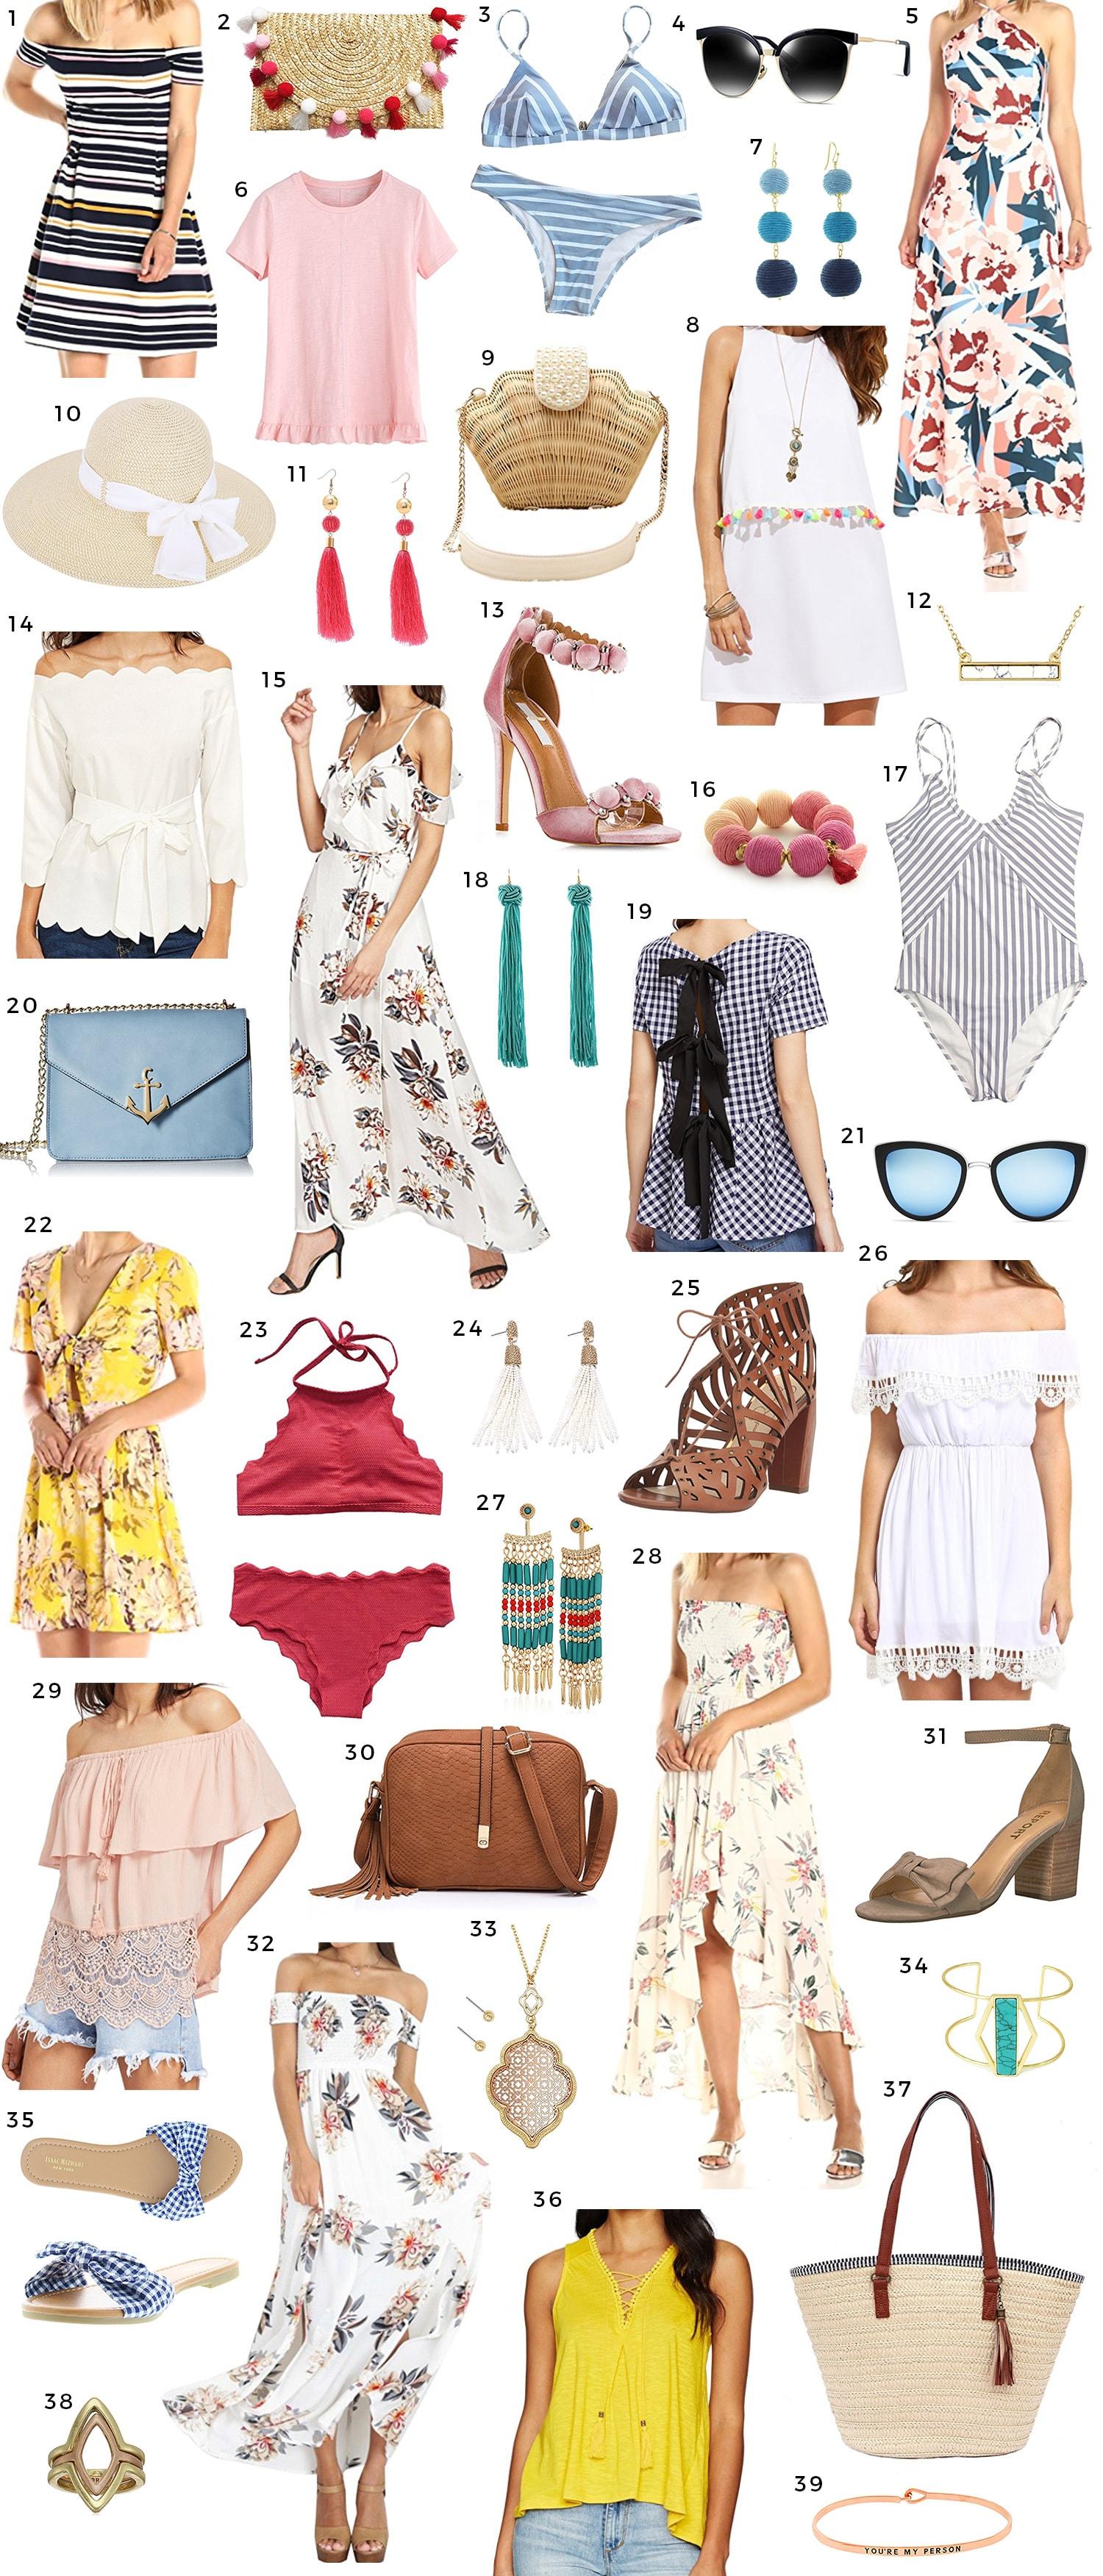 best Amazon summer fashion